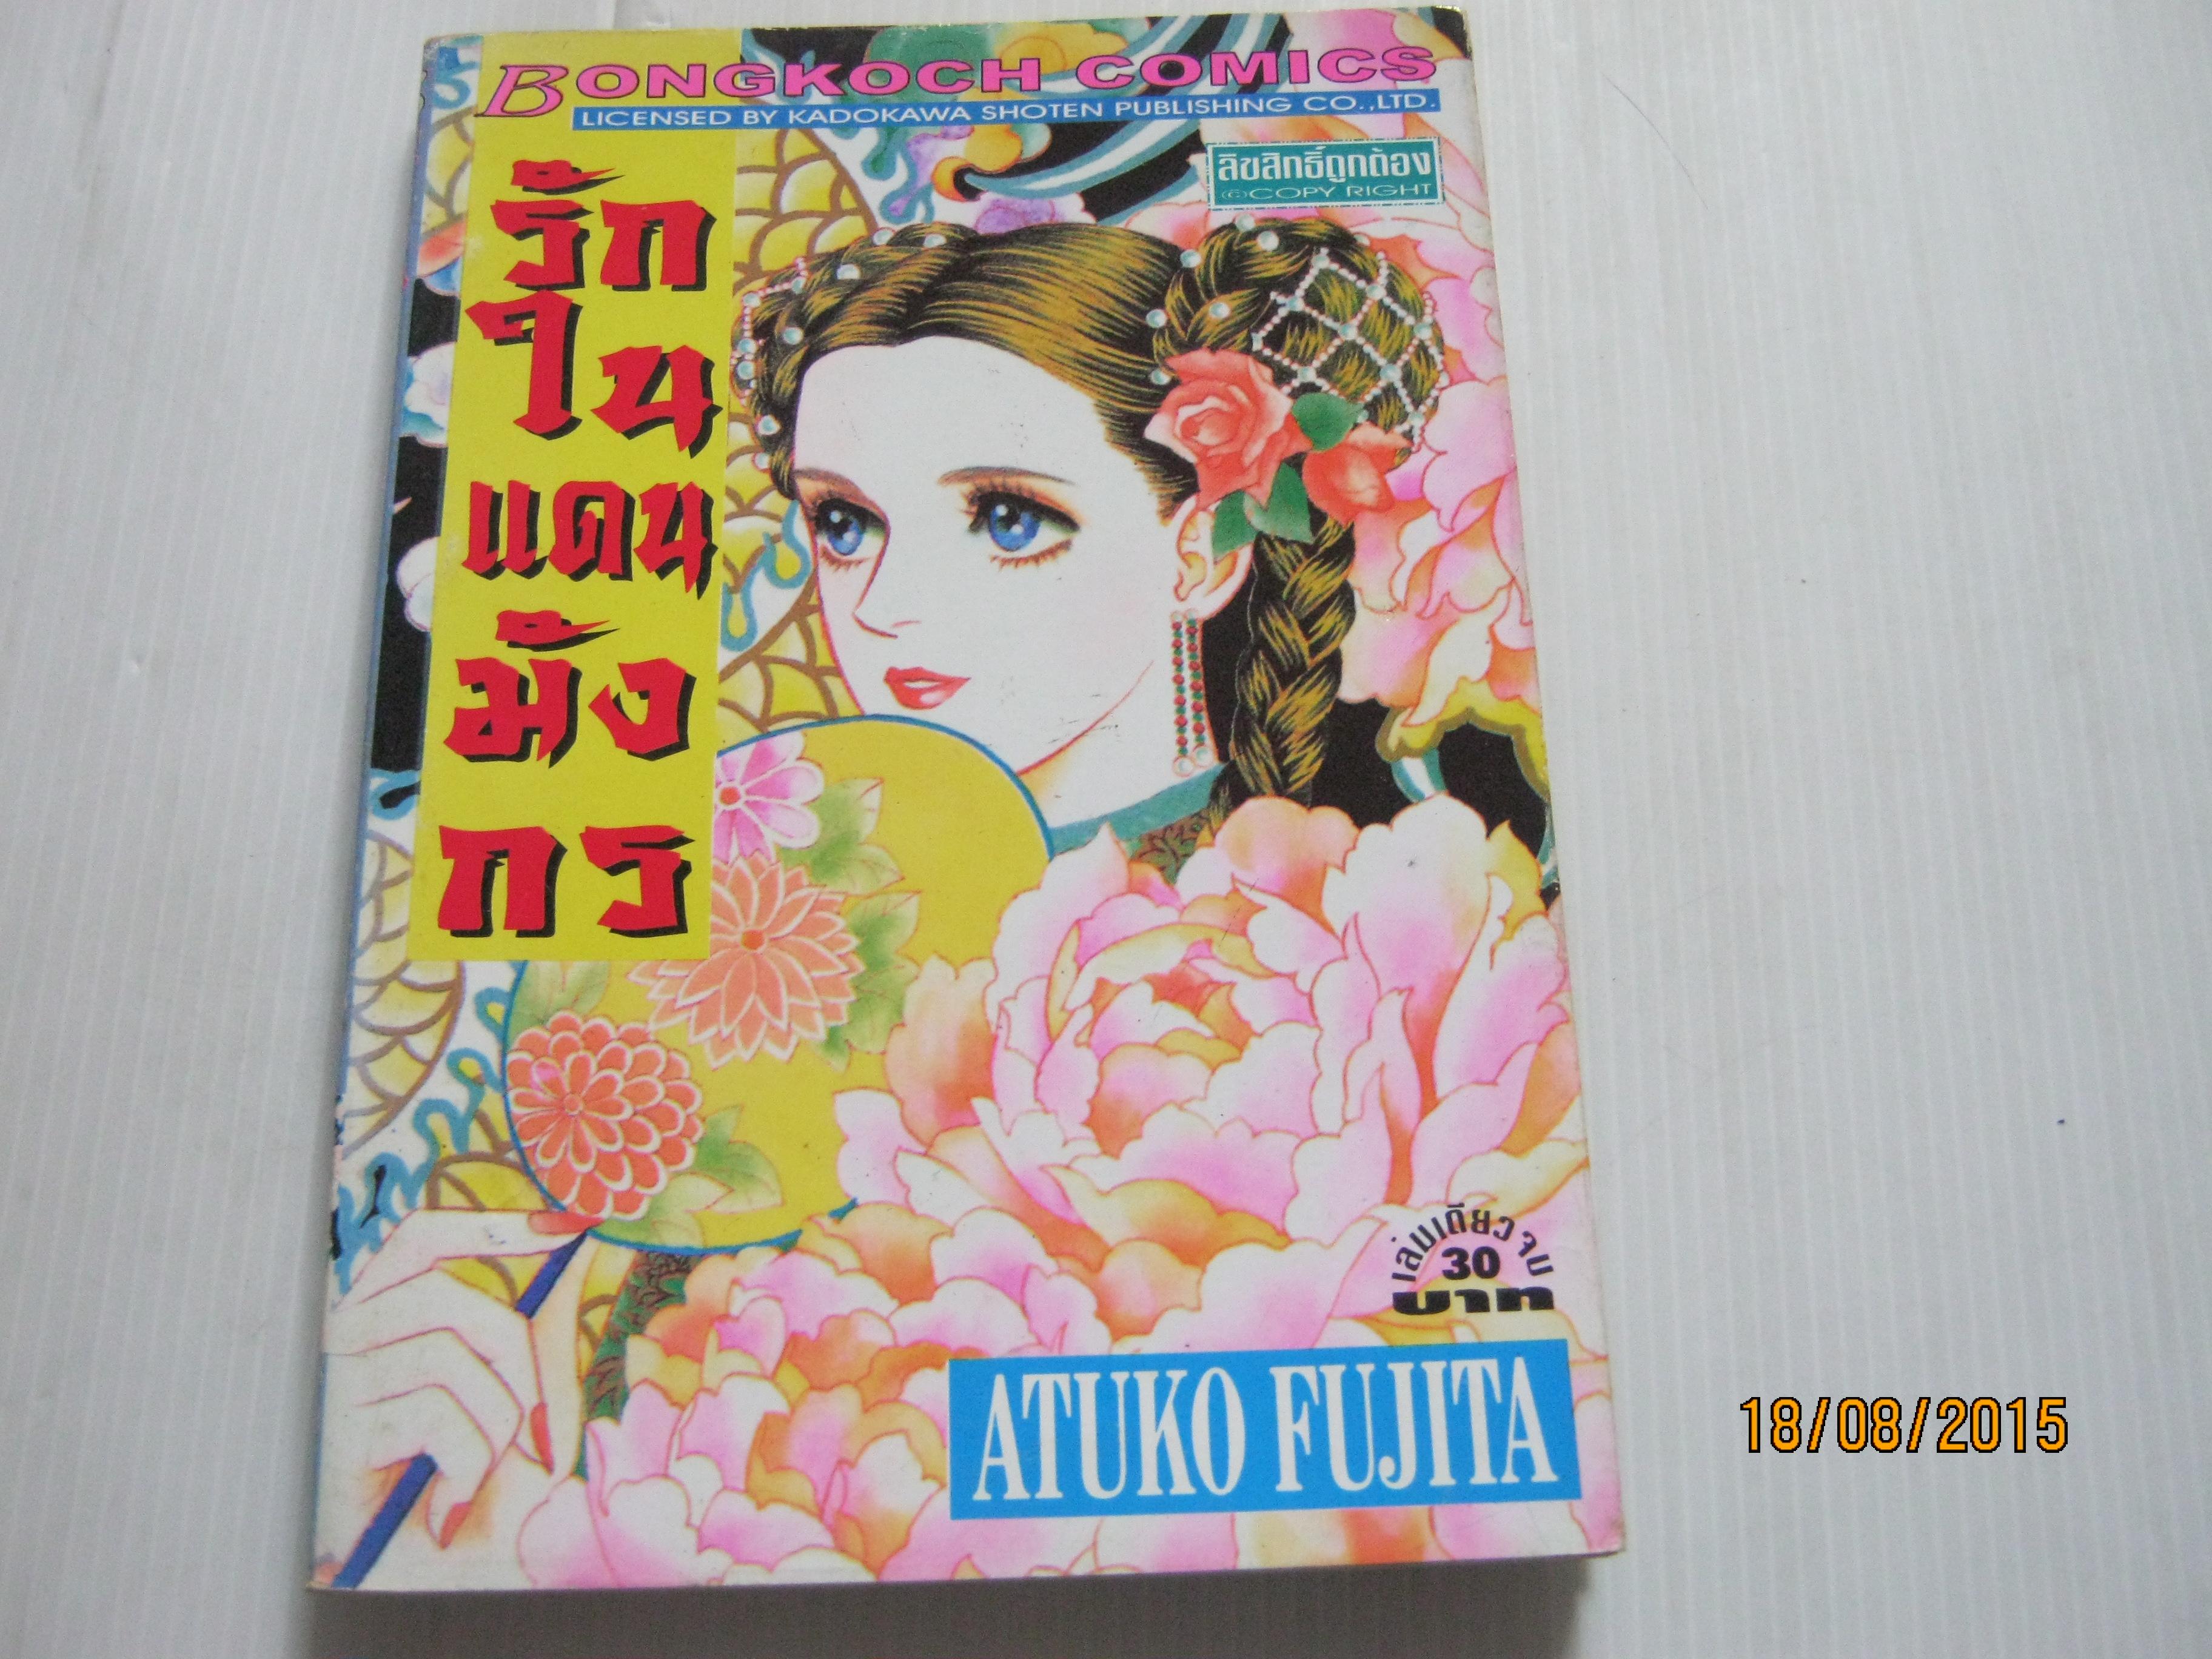 รักในแดนมังกร เล่มเดียวจบ Atuko Fujita เขียน